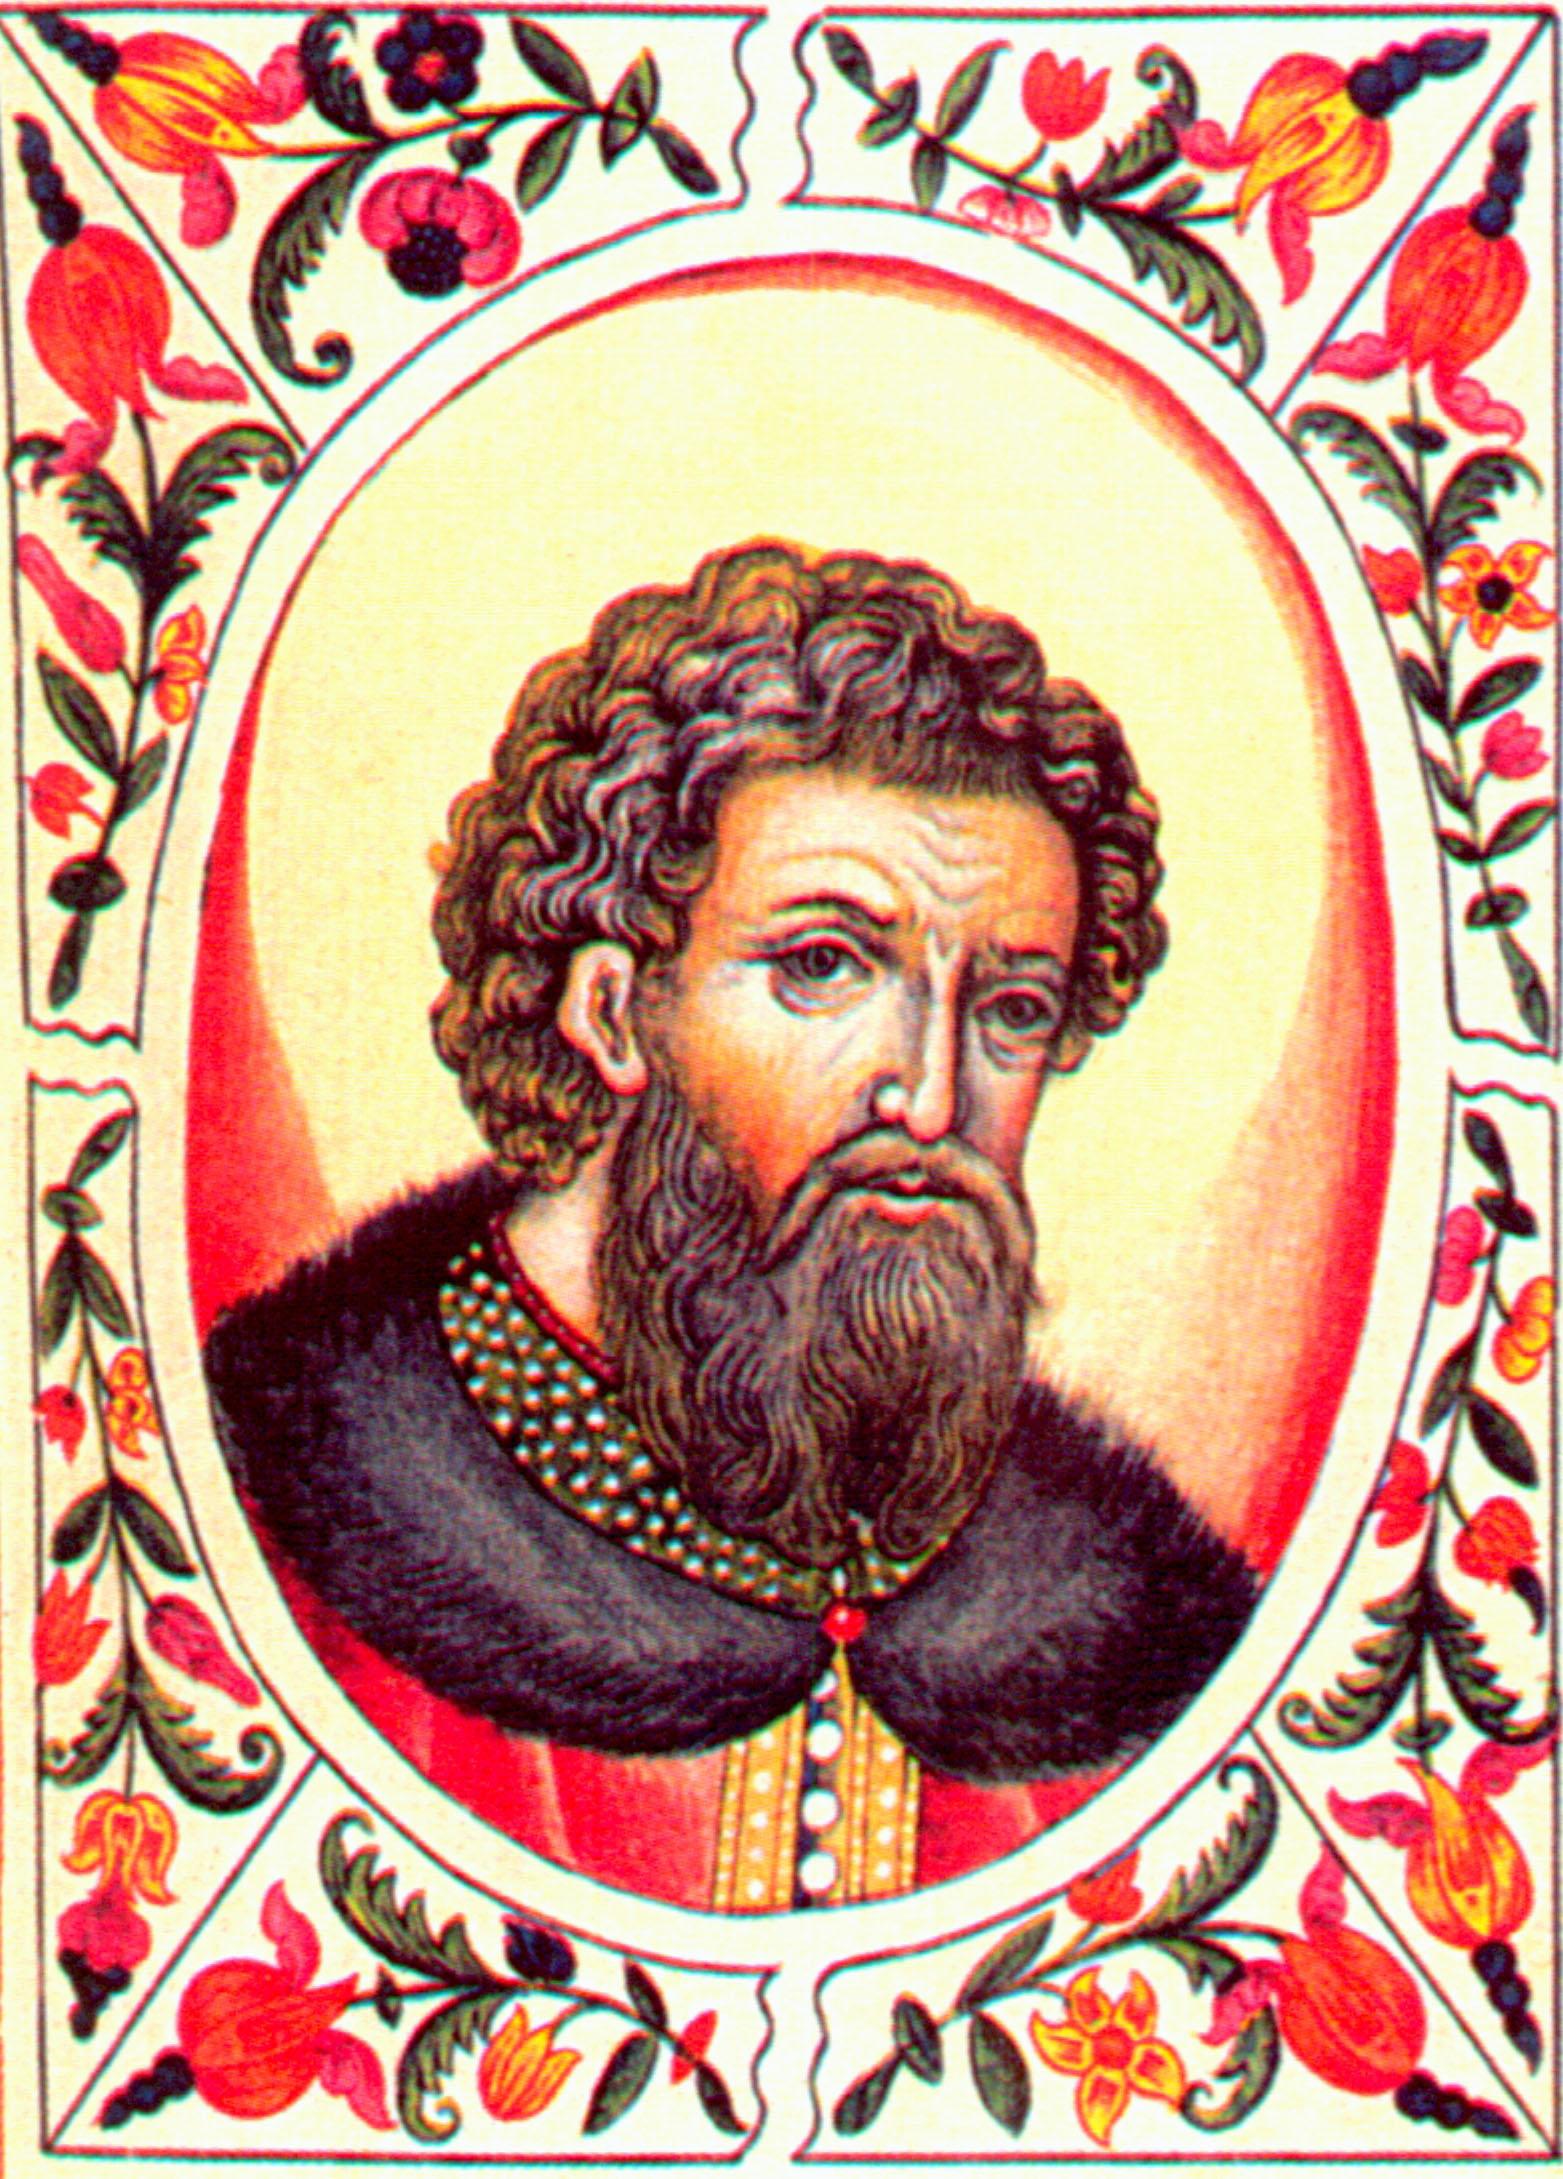 Великий князь владимирский Александр Ярославович Невский.